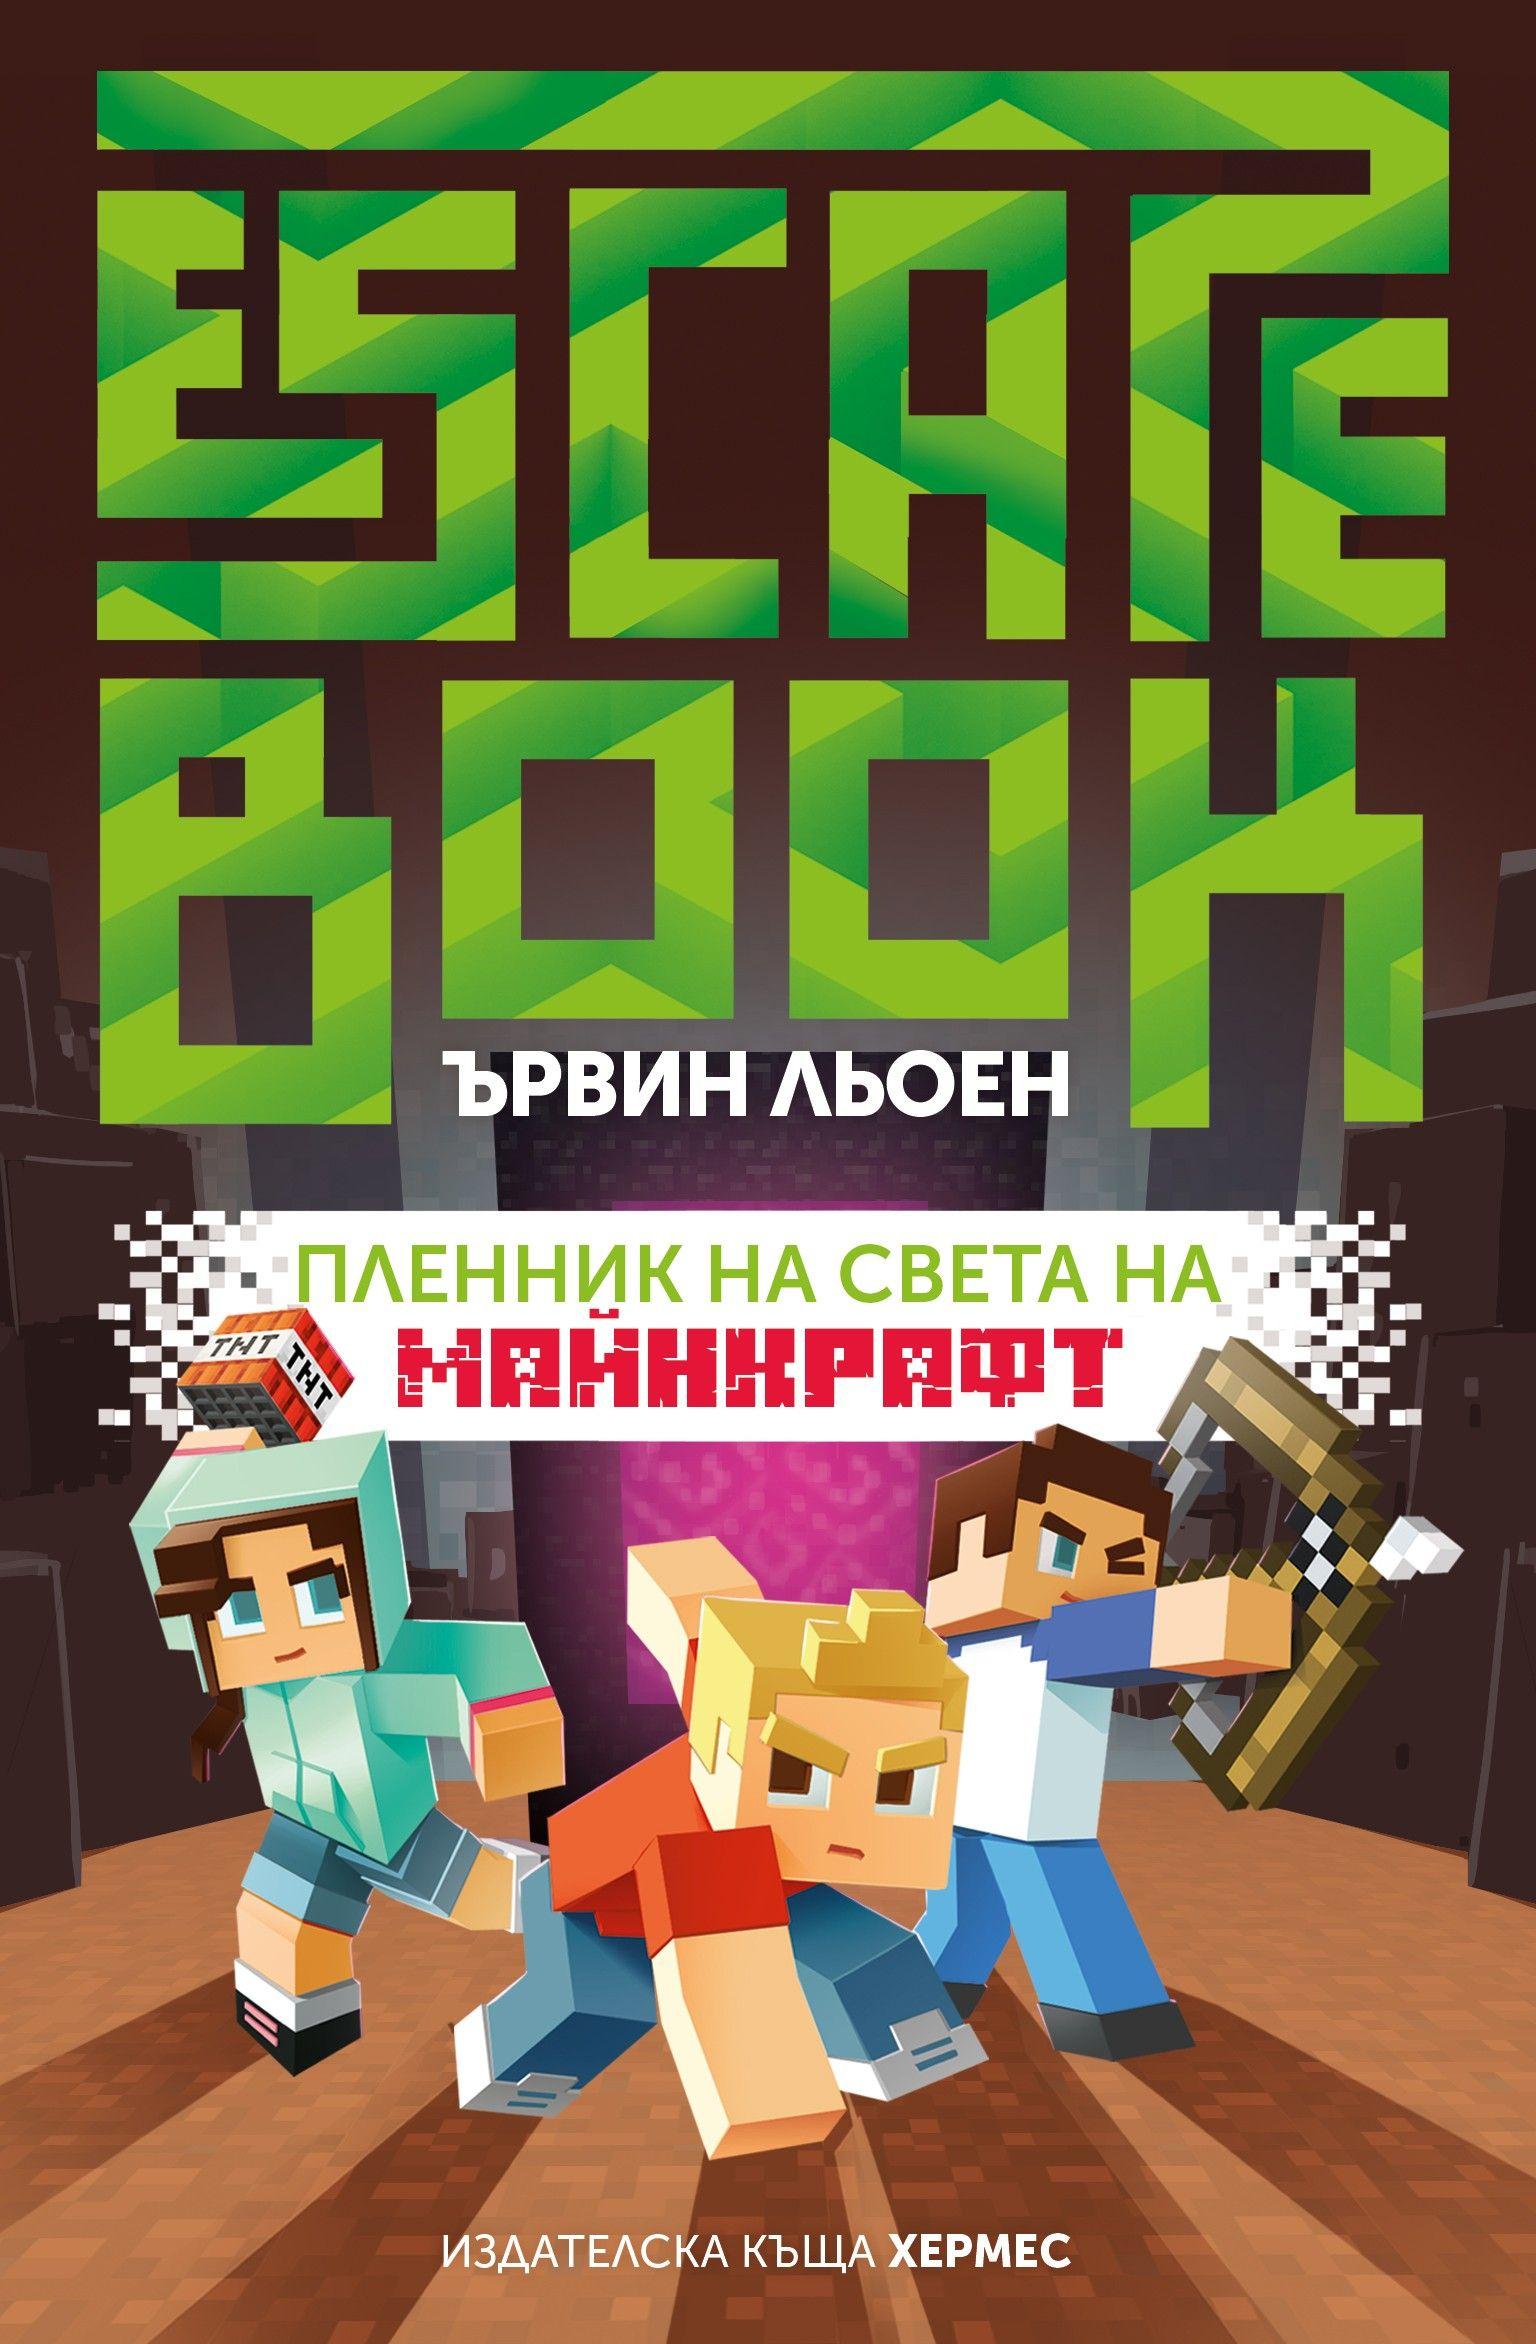 Escape Book: Пленник на света на Майнкрафт - 1